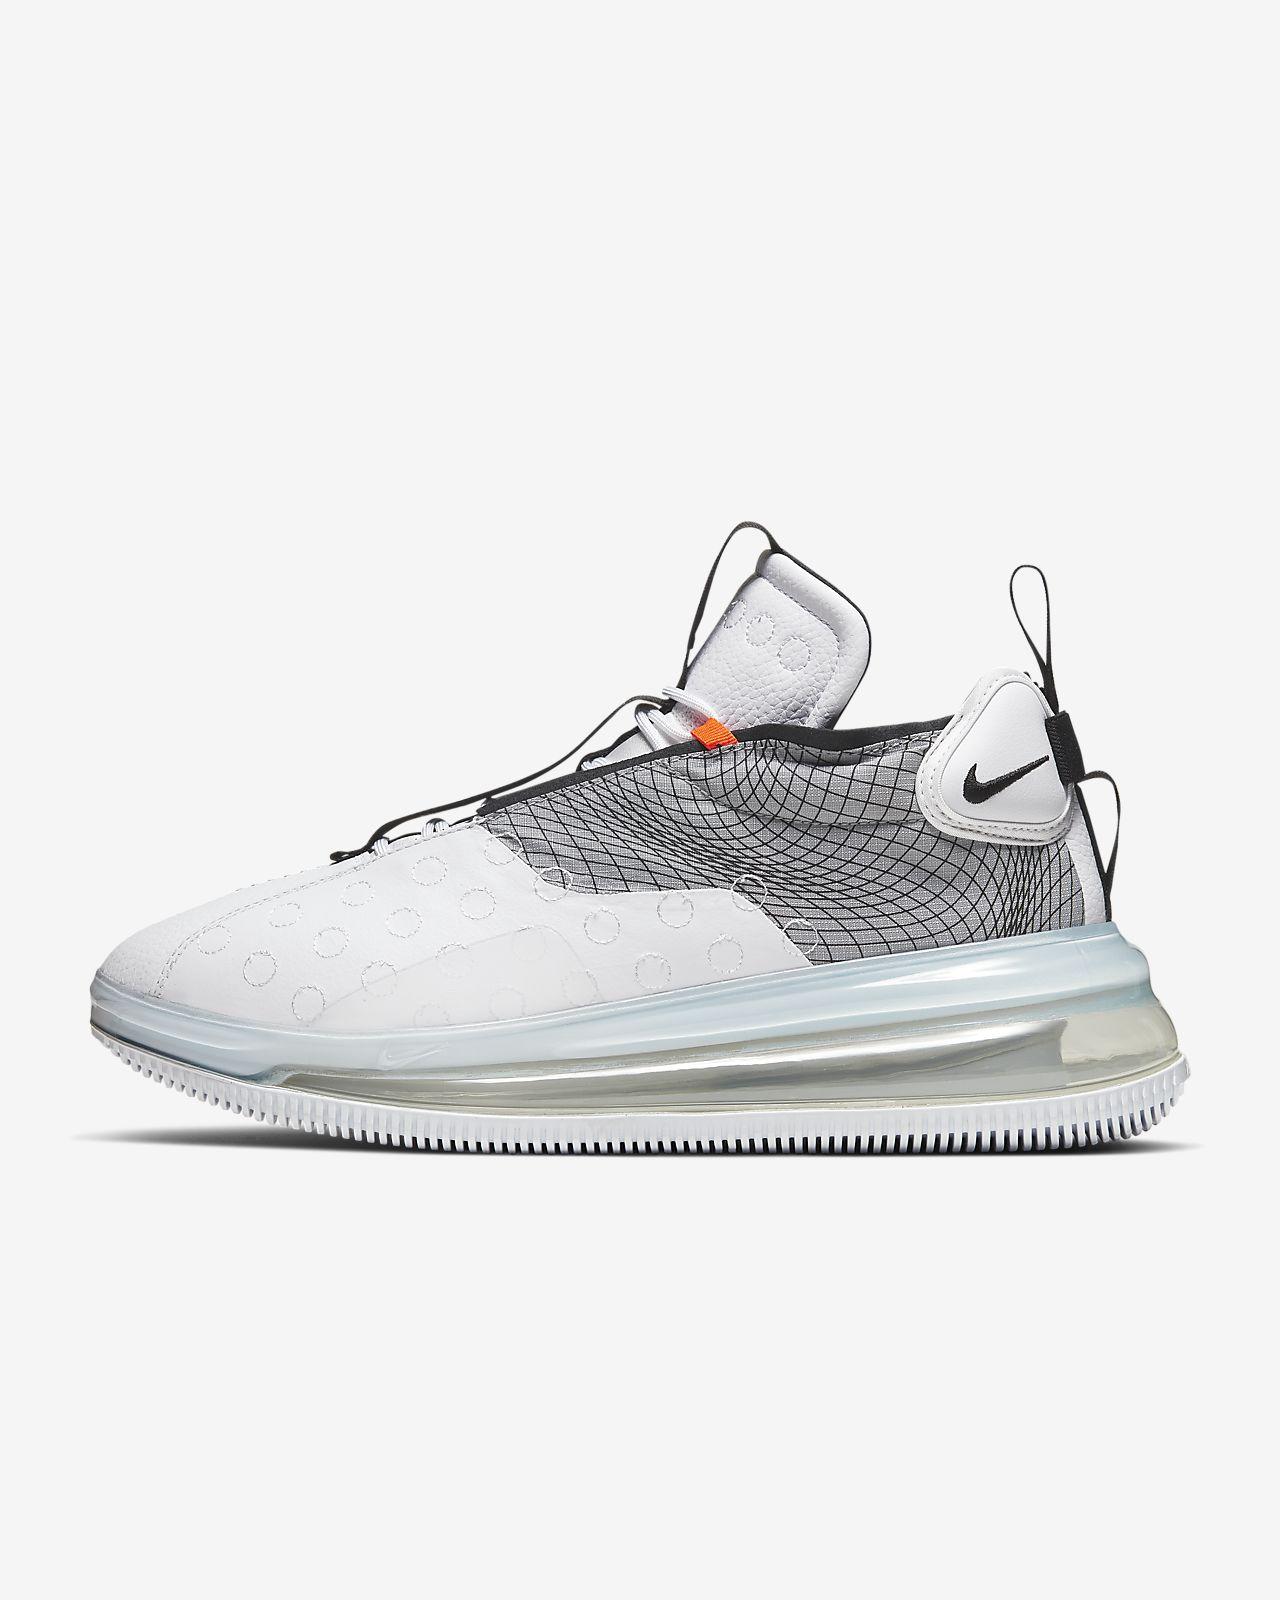 รองเท้าผู้ชาย Nike Air Max 720 Waves